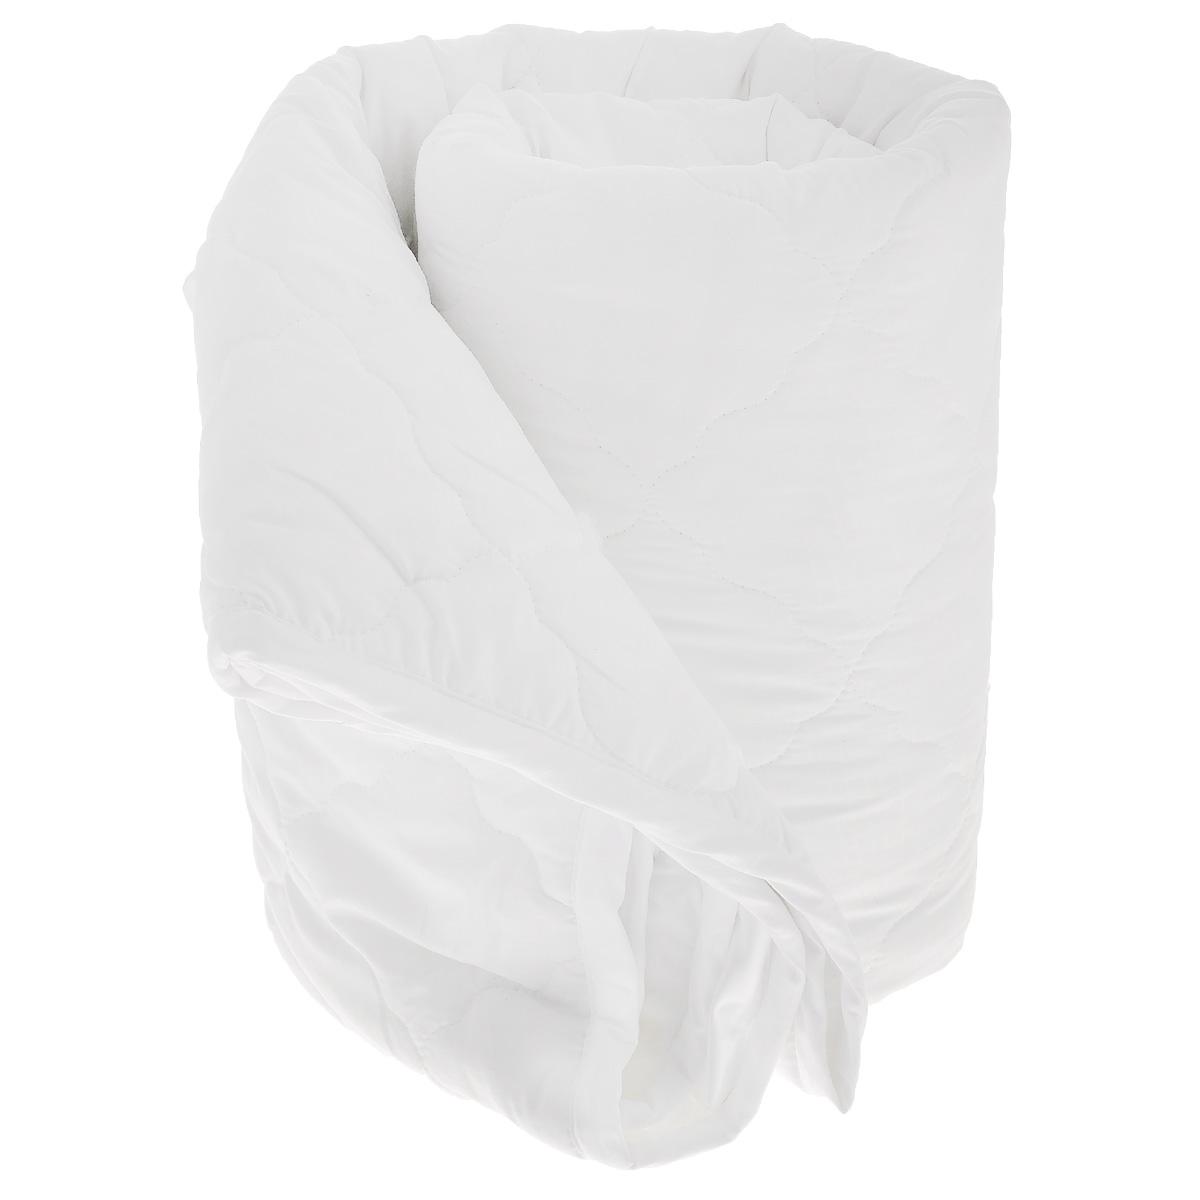 Одеяло La Prima В нежности микрофибры, наполнитель: полиэфирное волокно, цвет: белый, 140 х 205 см855/0222945/100/1942Одеяло La Prima В нежности микрофибры очень легкое, воздушное и одновременно теплое. Идеально подойдет тем, кто ценит мягкость и тепло. Такое изделие подарит комфортный сон. Благодаря особой структуре микроволокна, изделие приобретают дополнительную мягкость и надолго сохраняют свой первоначальный вид. Чехол одеяла выполнен из шелковистой микрофибры, оформленной изящным фактурным теснением под кожу рептилий. Наполнитель - полиэфирное волокно - холлотек. Изделие обладает высокой воздухопроницаемостью, прекрасно сохраняет тепло. Оно гипоаллергенно, очень практично и неприхотливо в уходе. Ручная стирка при температуре 30°С. Материал чехла: 100% полиэстер - микрофибра. Наполнитель: полиэфирное волокно - холлотек. Размер: 140 см х 205 см.